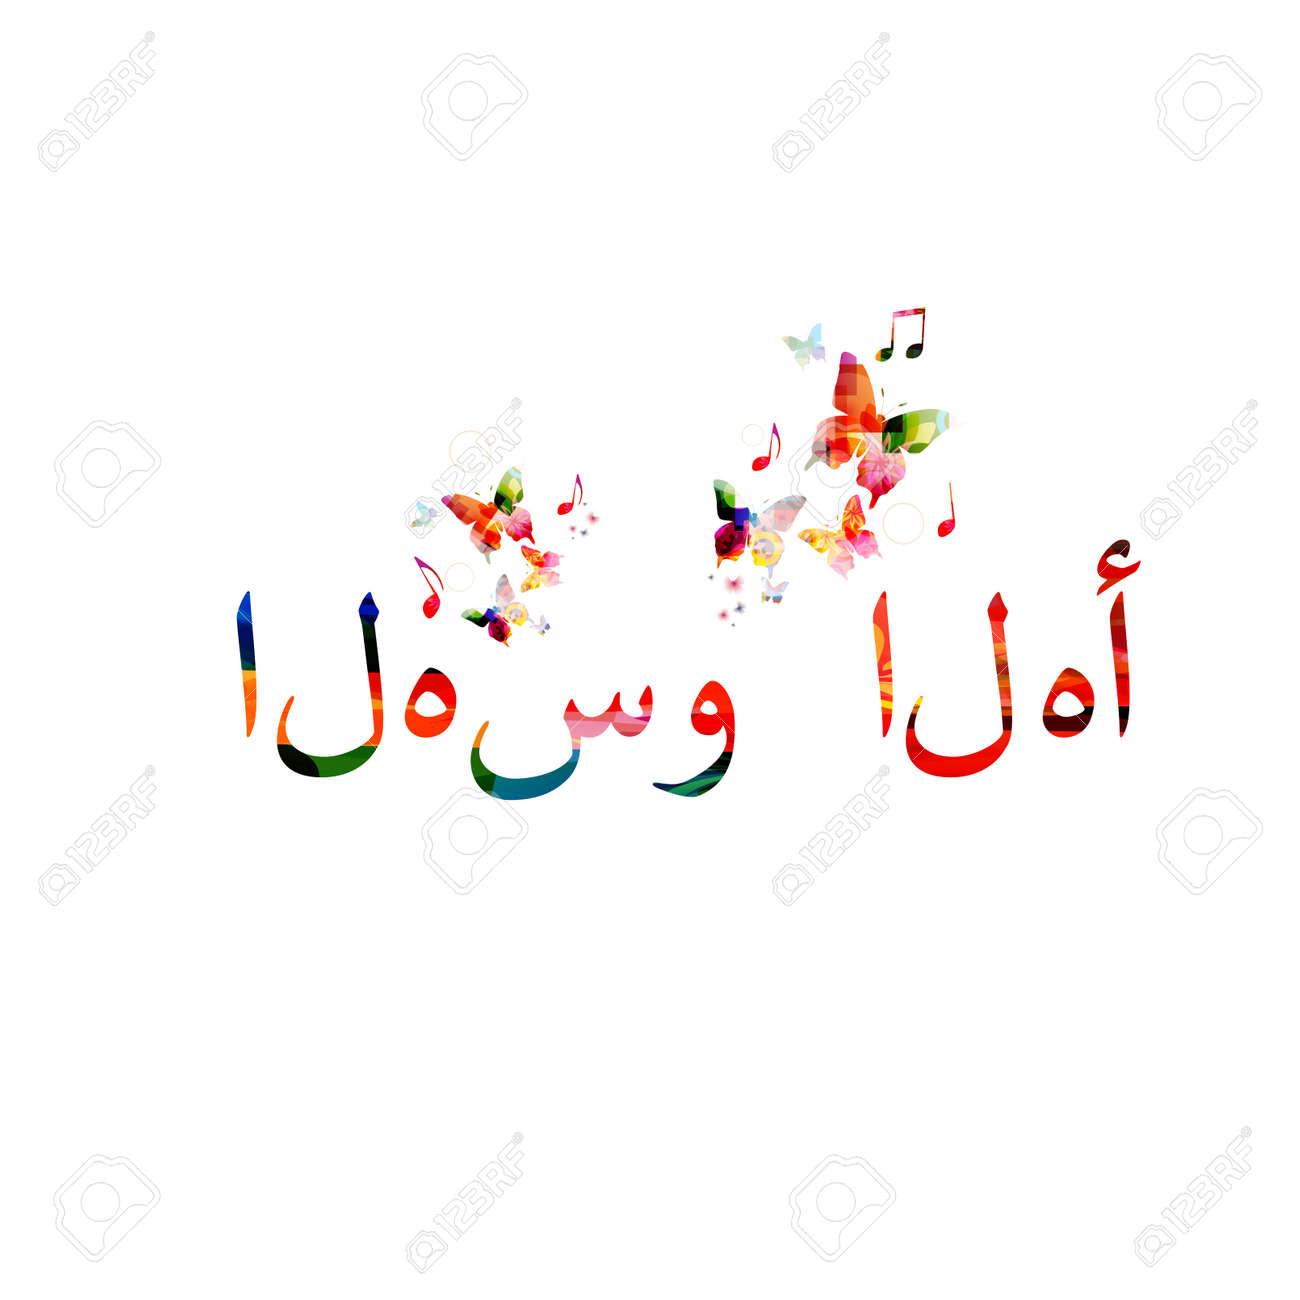 Arabic calligraphy type for welcome 'Ahlan Wa Sahlan' isolated